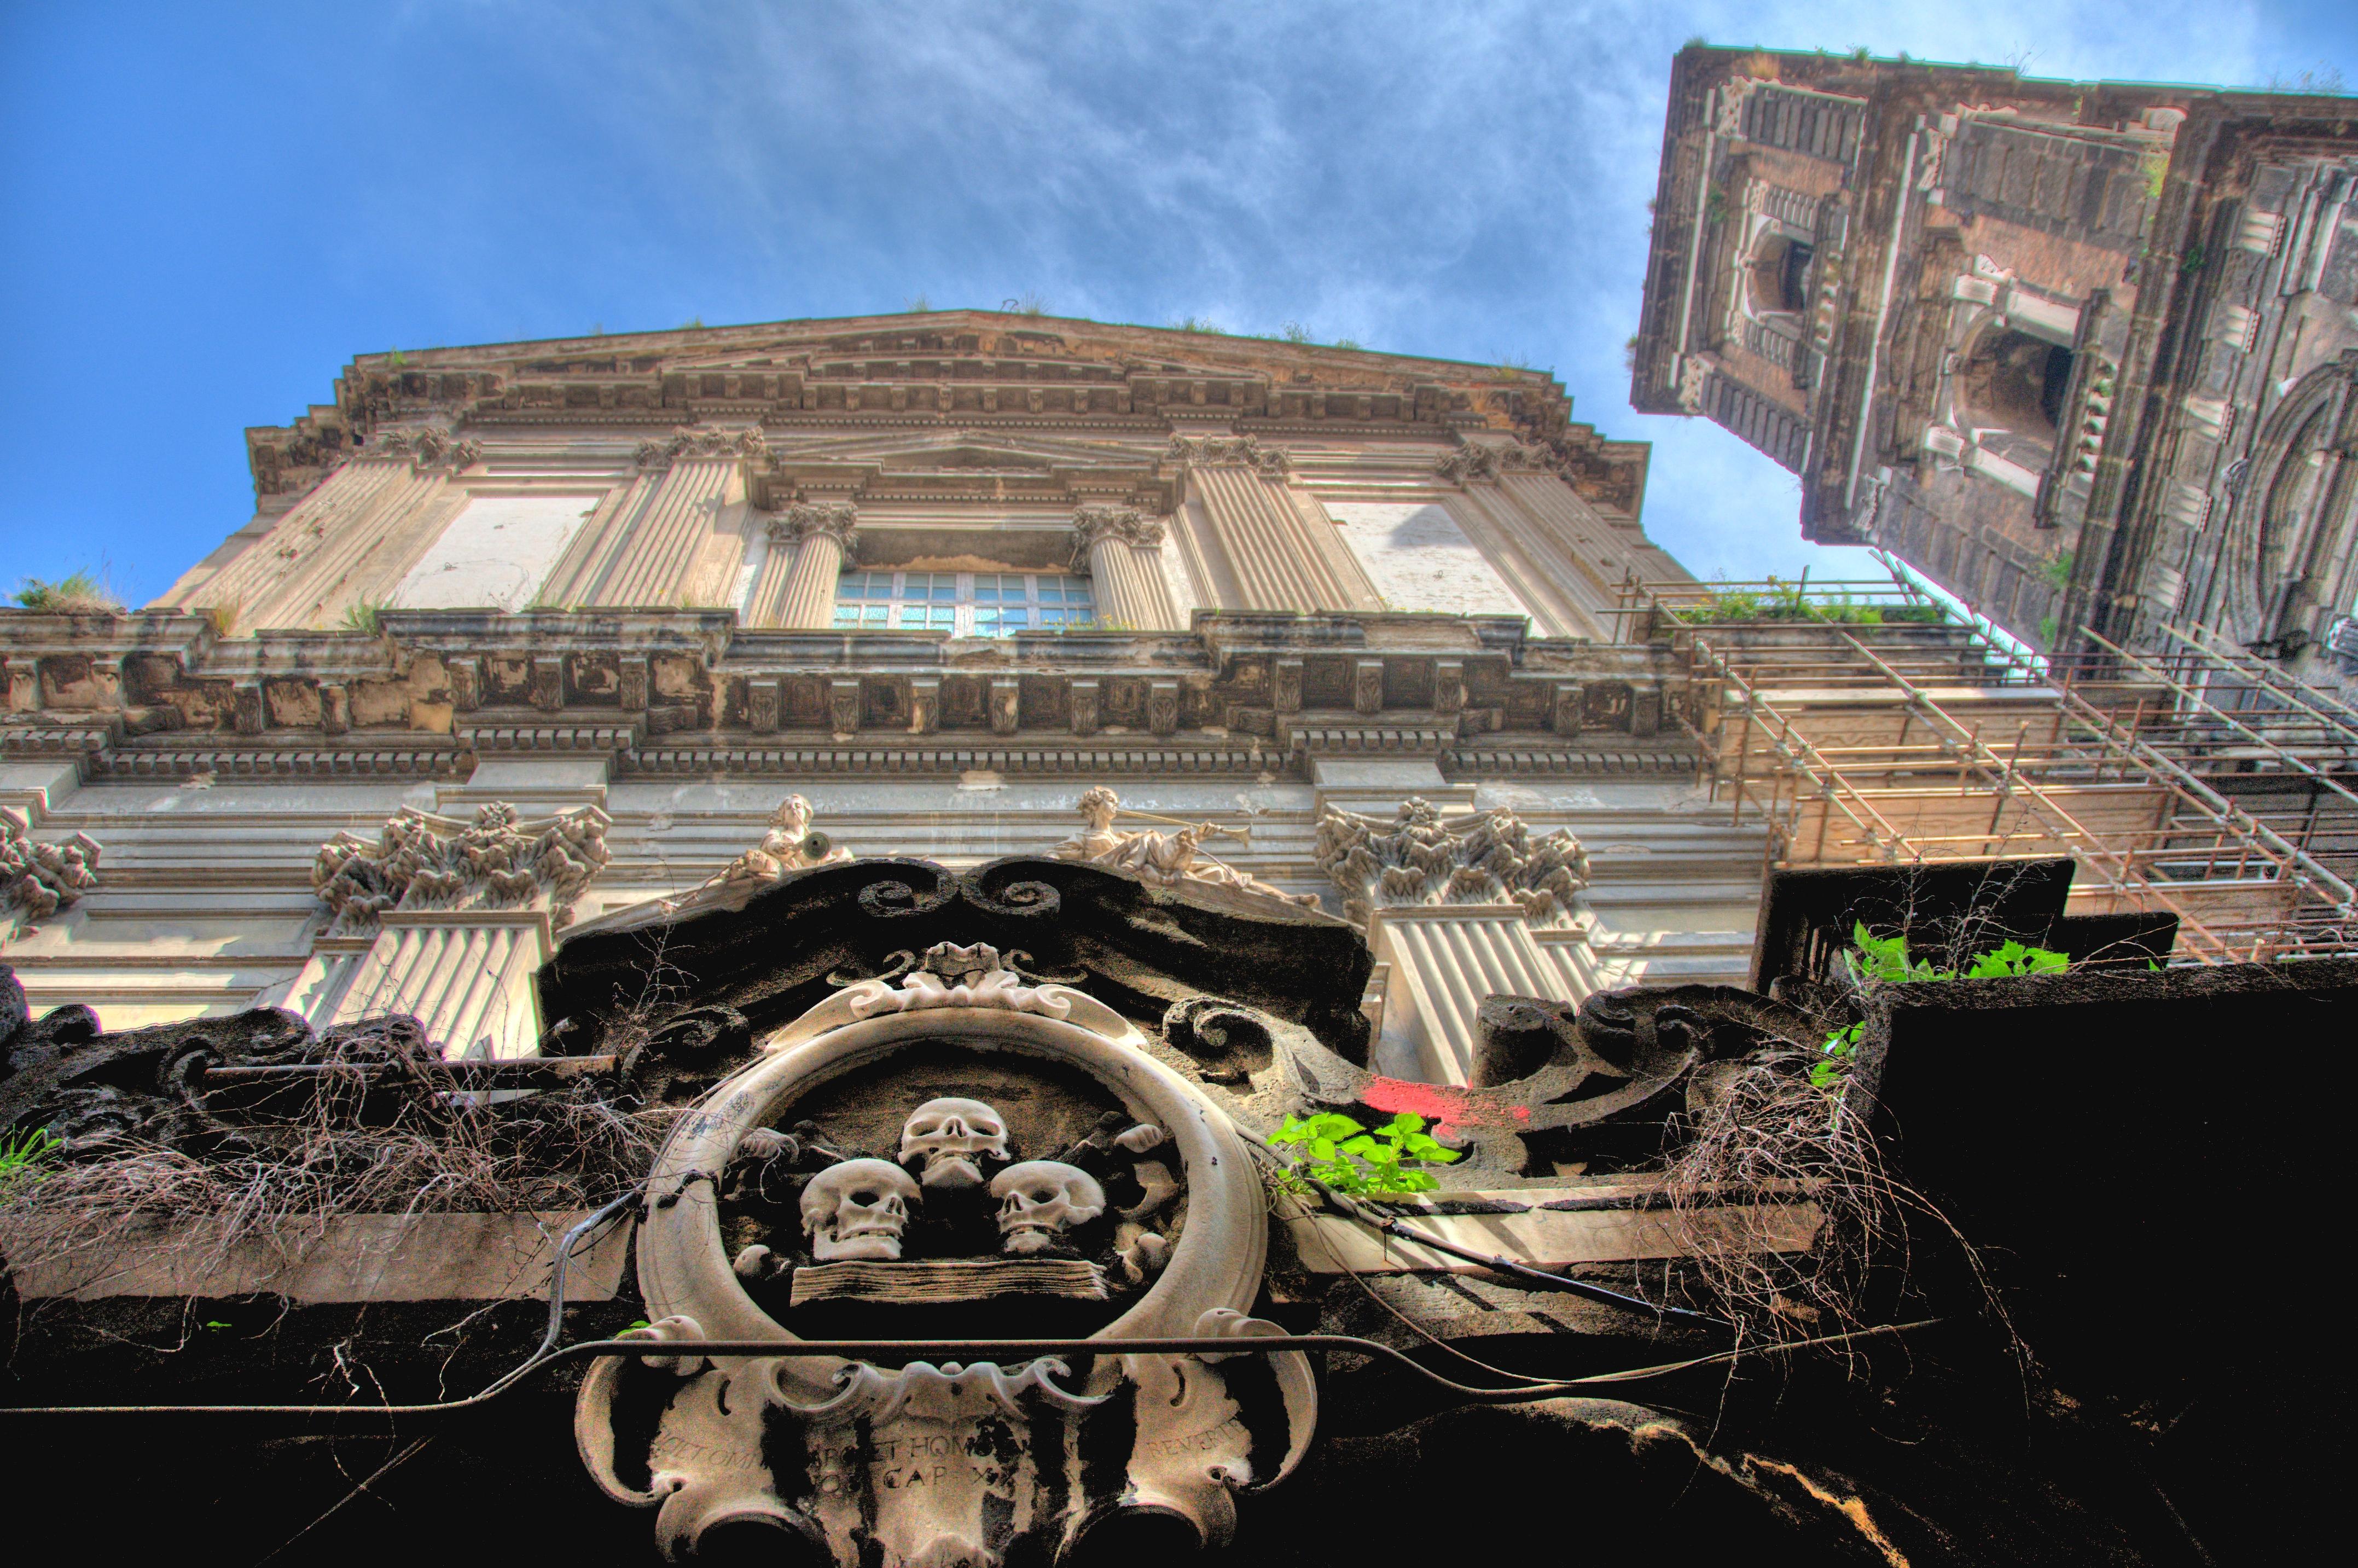 Chiesa_di_Sant_Agostino_alla_Zecca